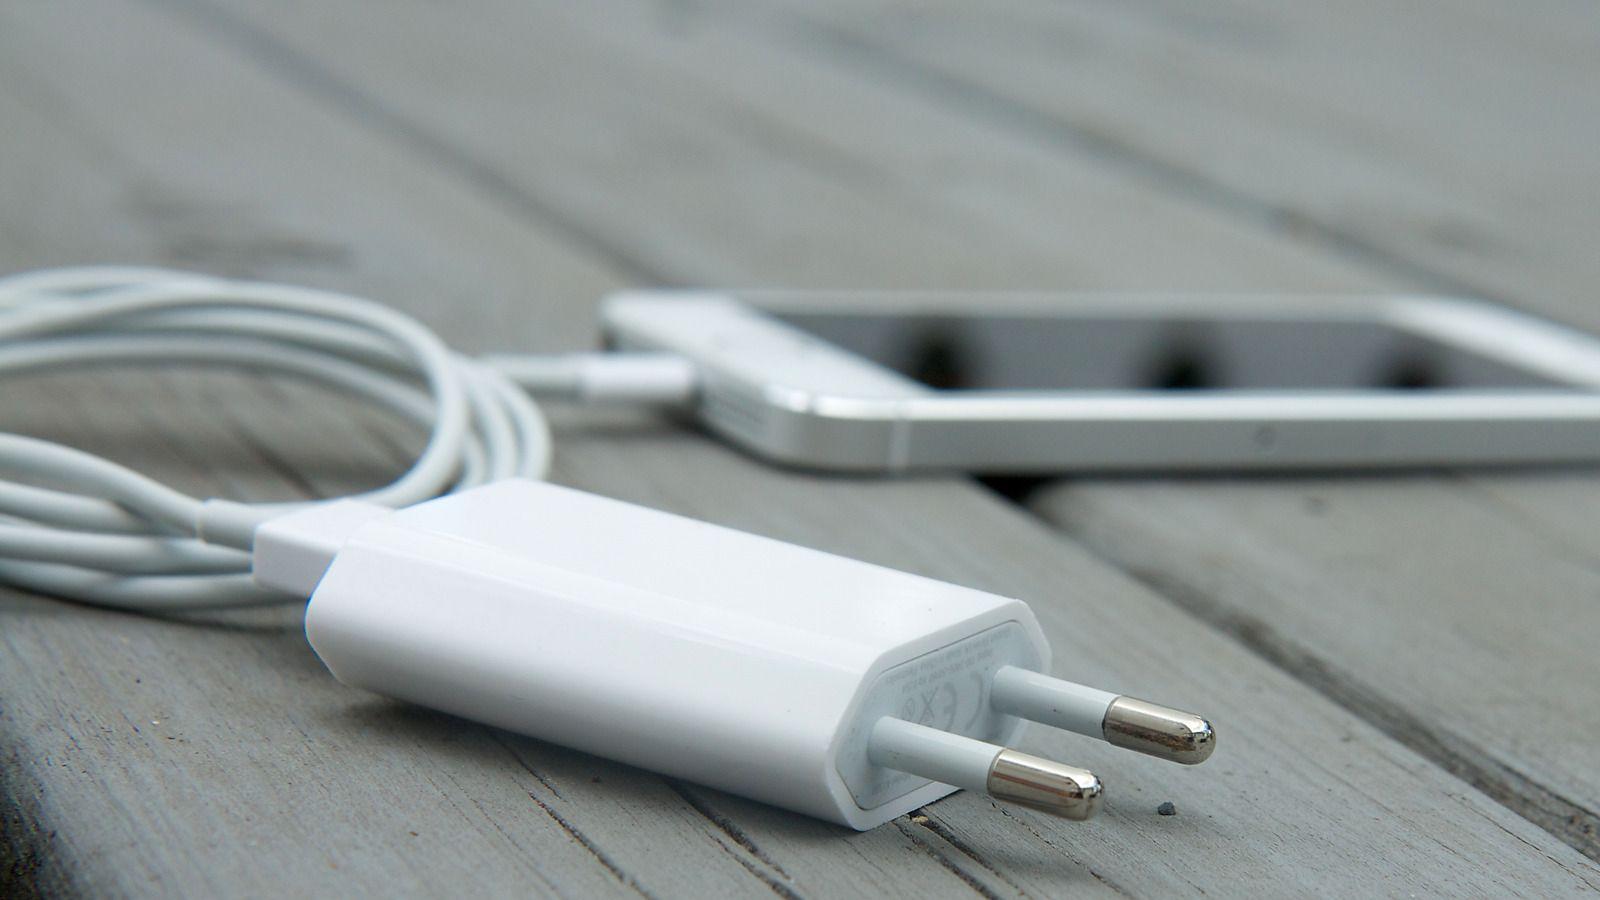 Apple saksøkt for å kutte laderstøtte